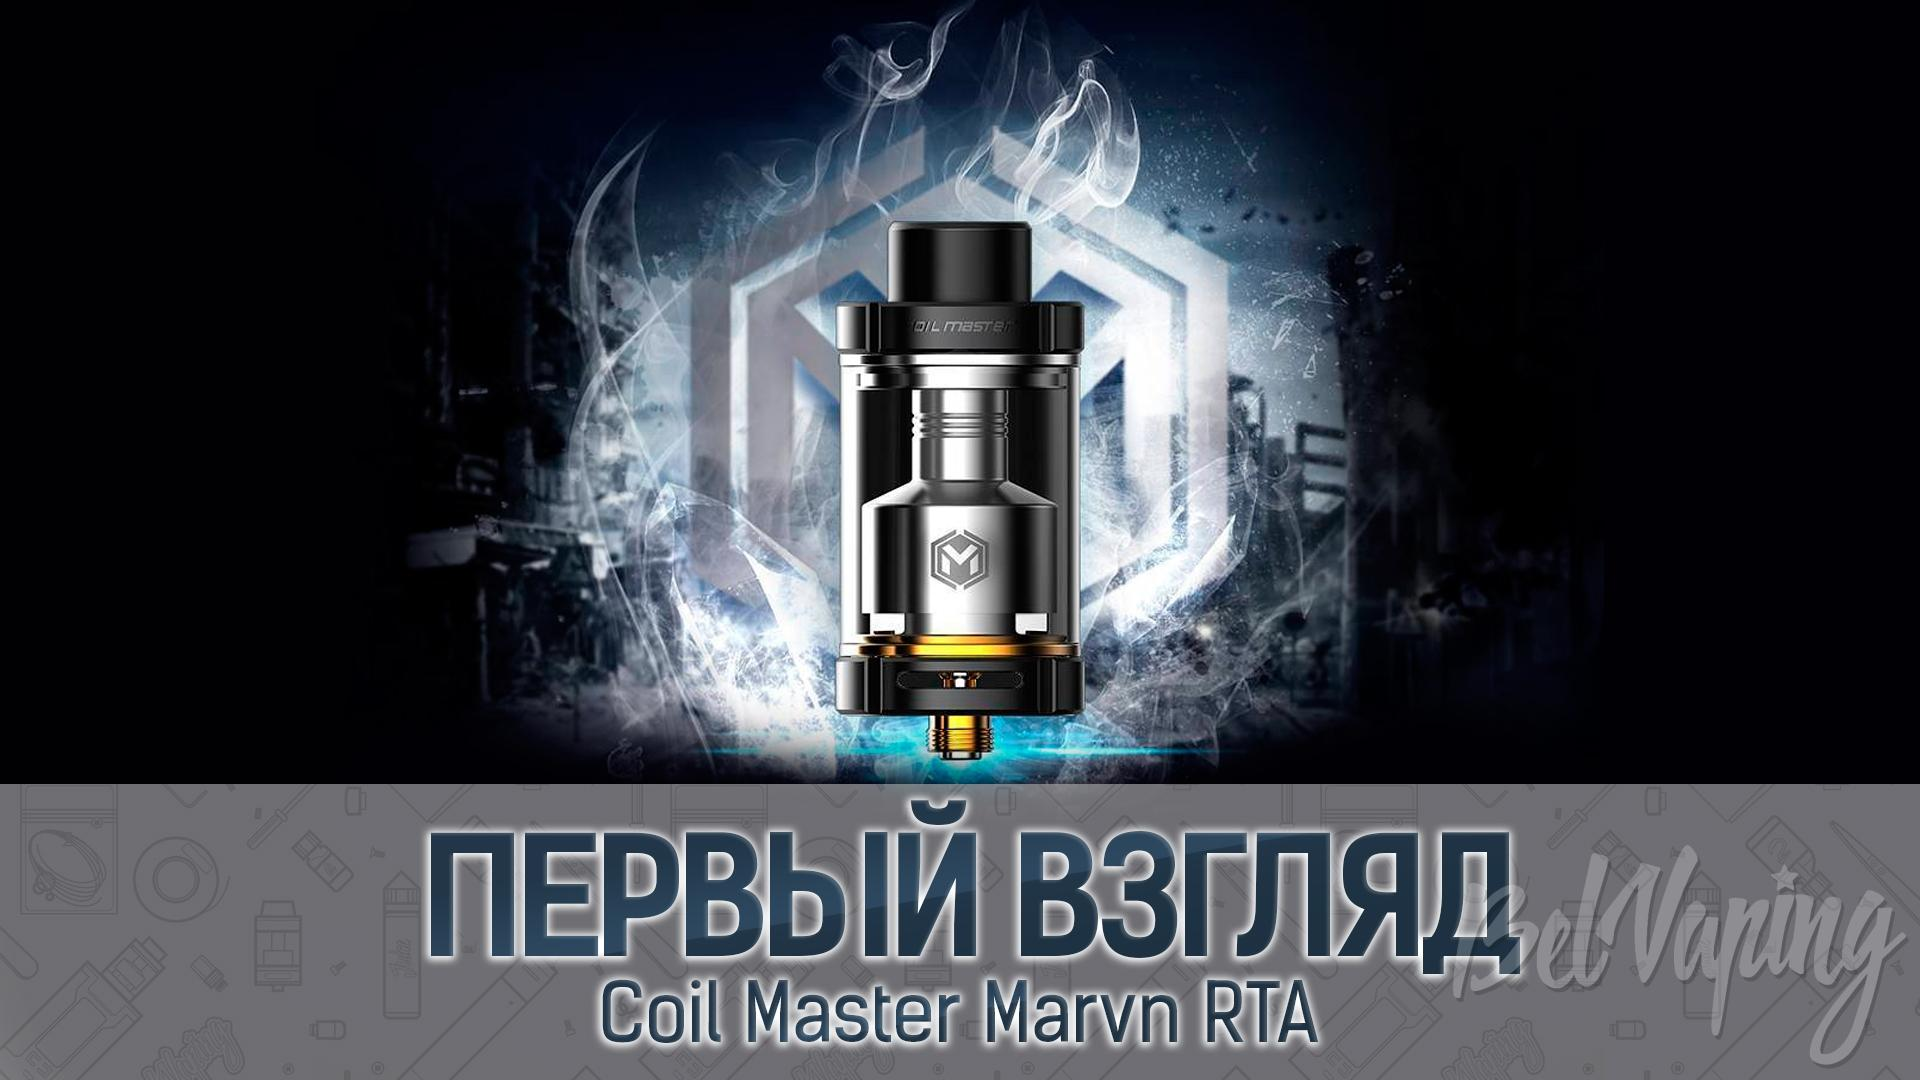 Coil Master Marvn RTA. Первый взгляд